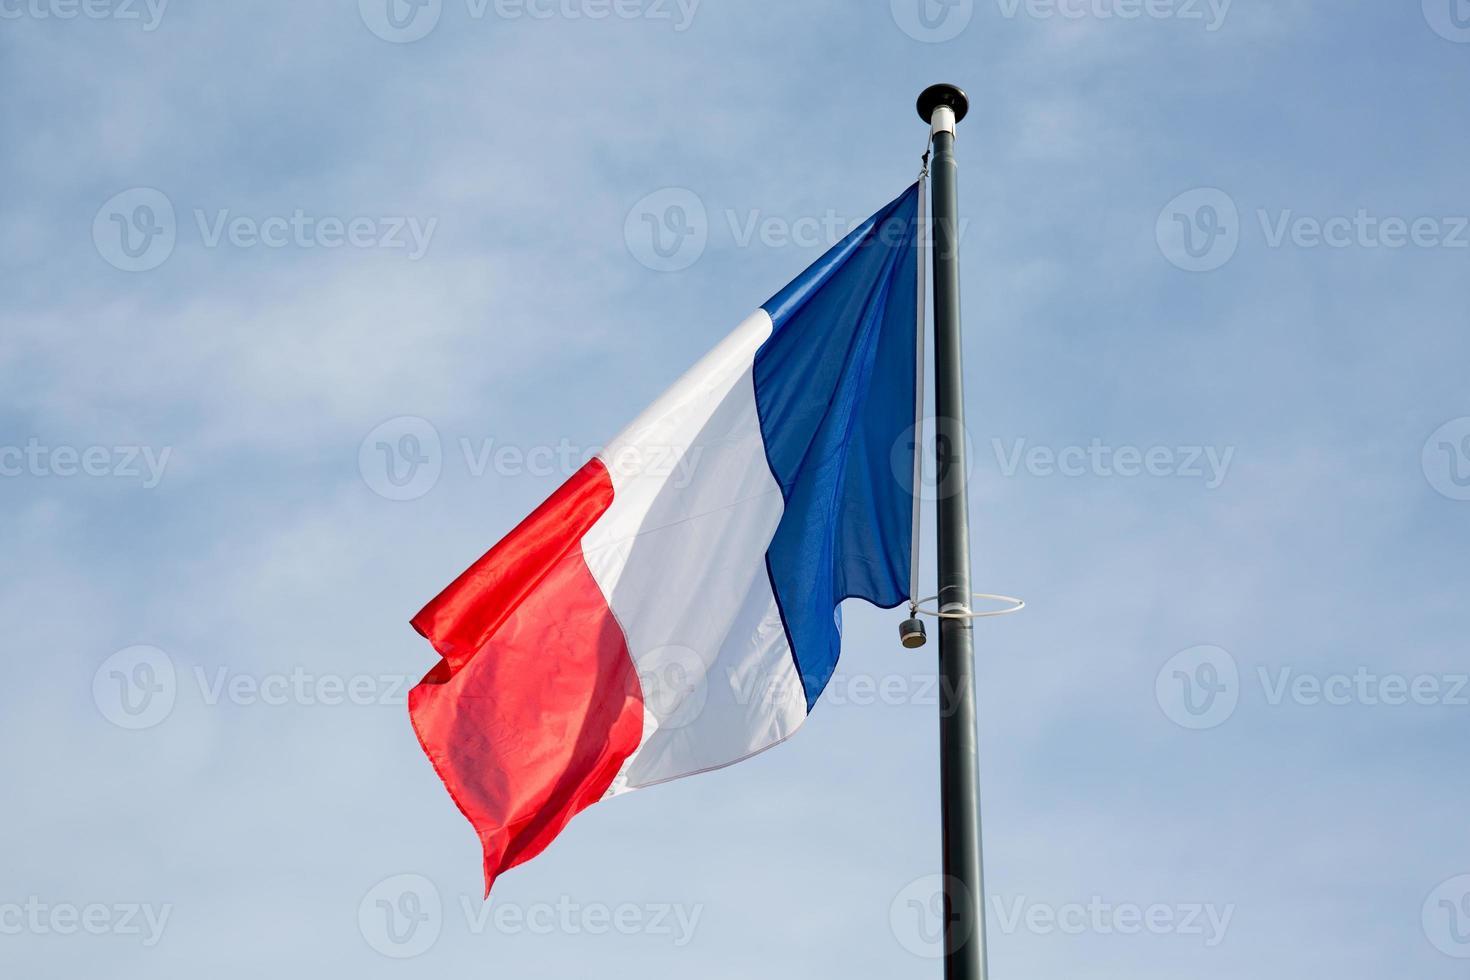 französische Flagge unter blauem Himmel foto